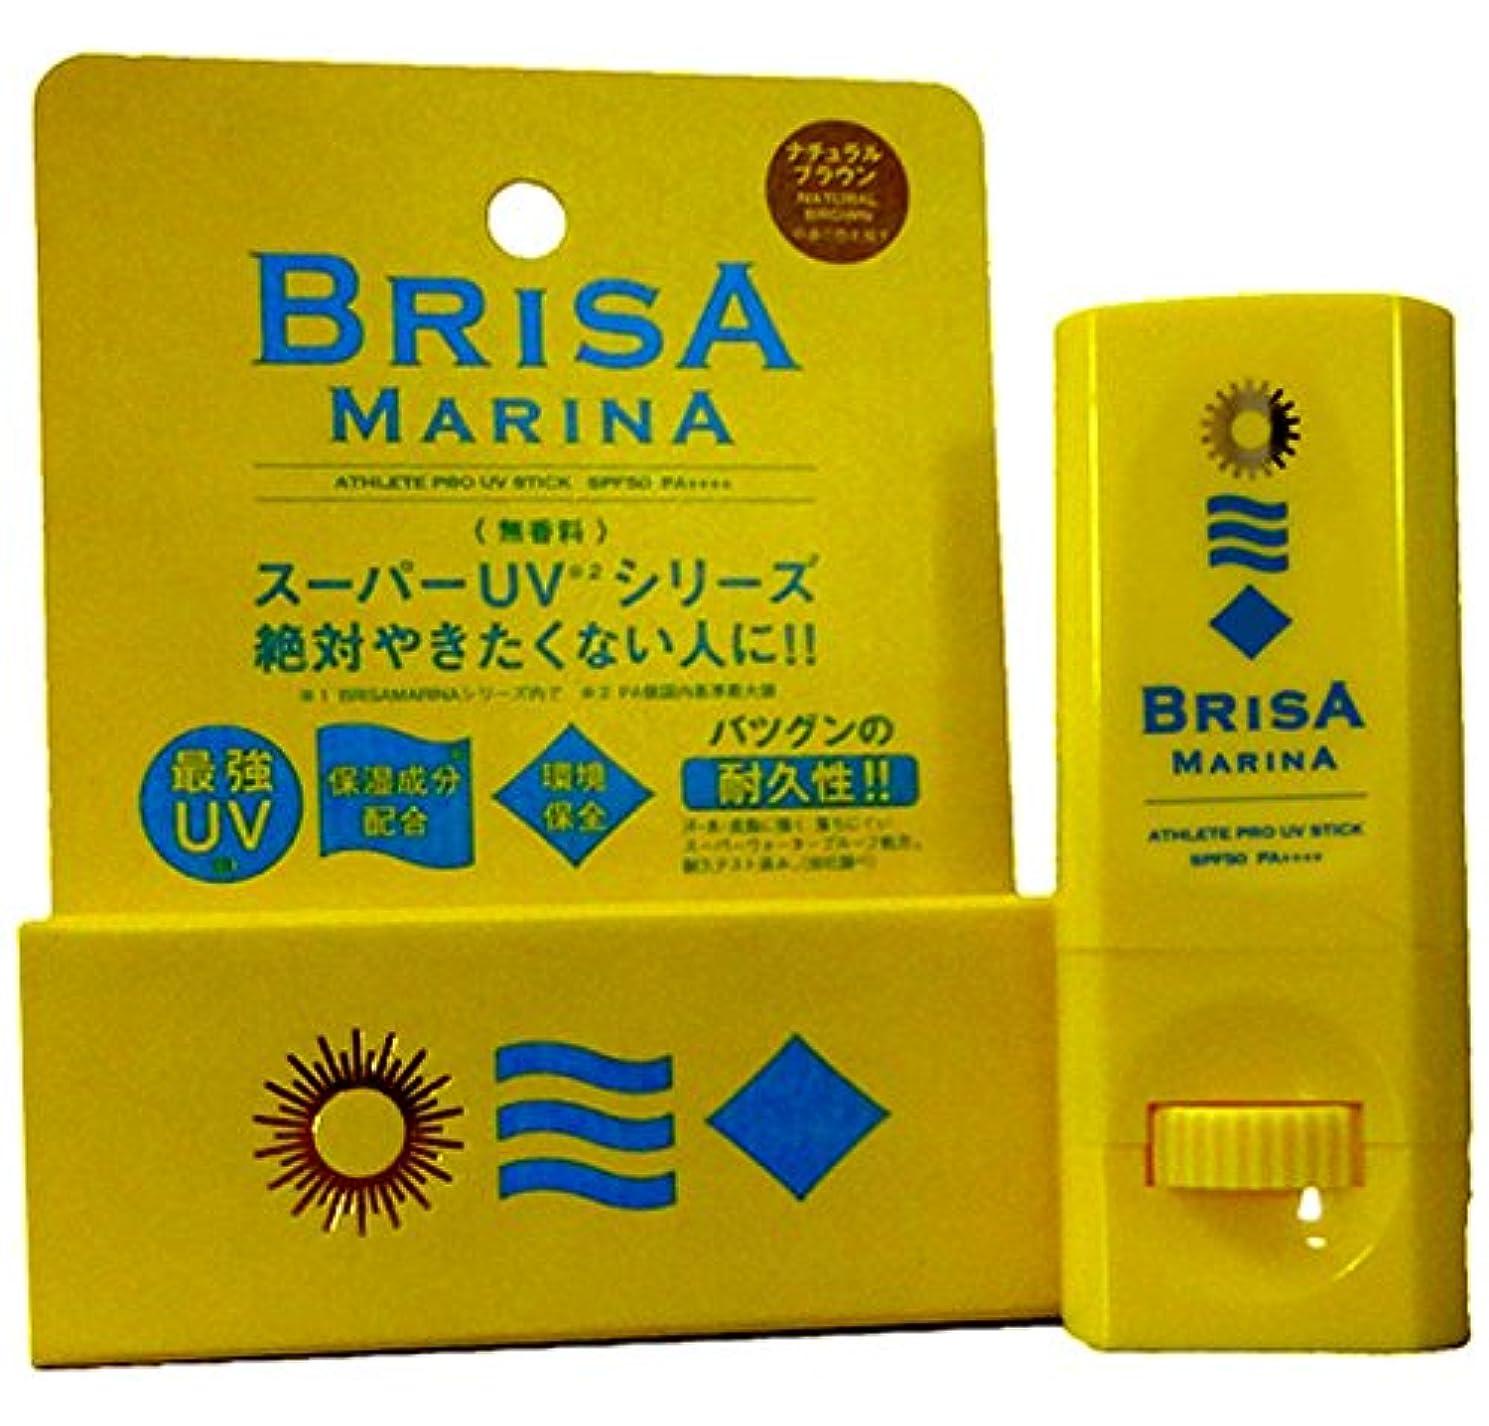 亜熱帯フォロー誘導BRISA MARINA(ブリサマリーナ) ATHLETE PRO UV STICK 10g 日焼け止め スティック (01-WHITE)